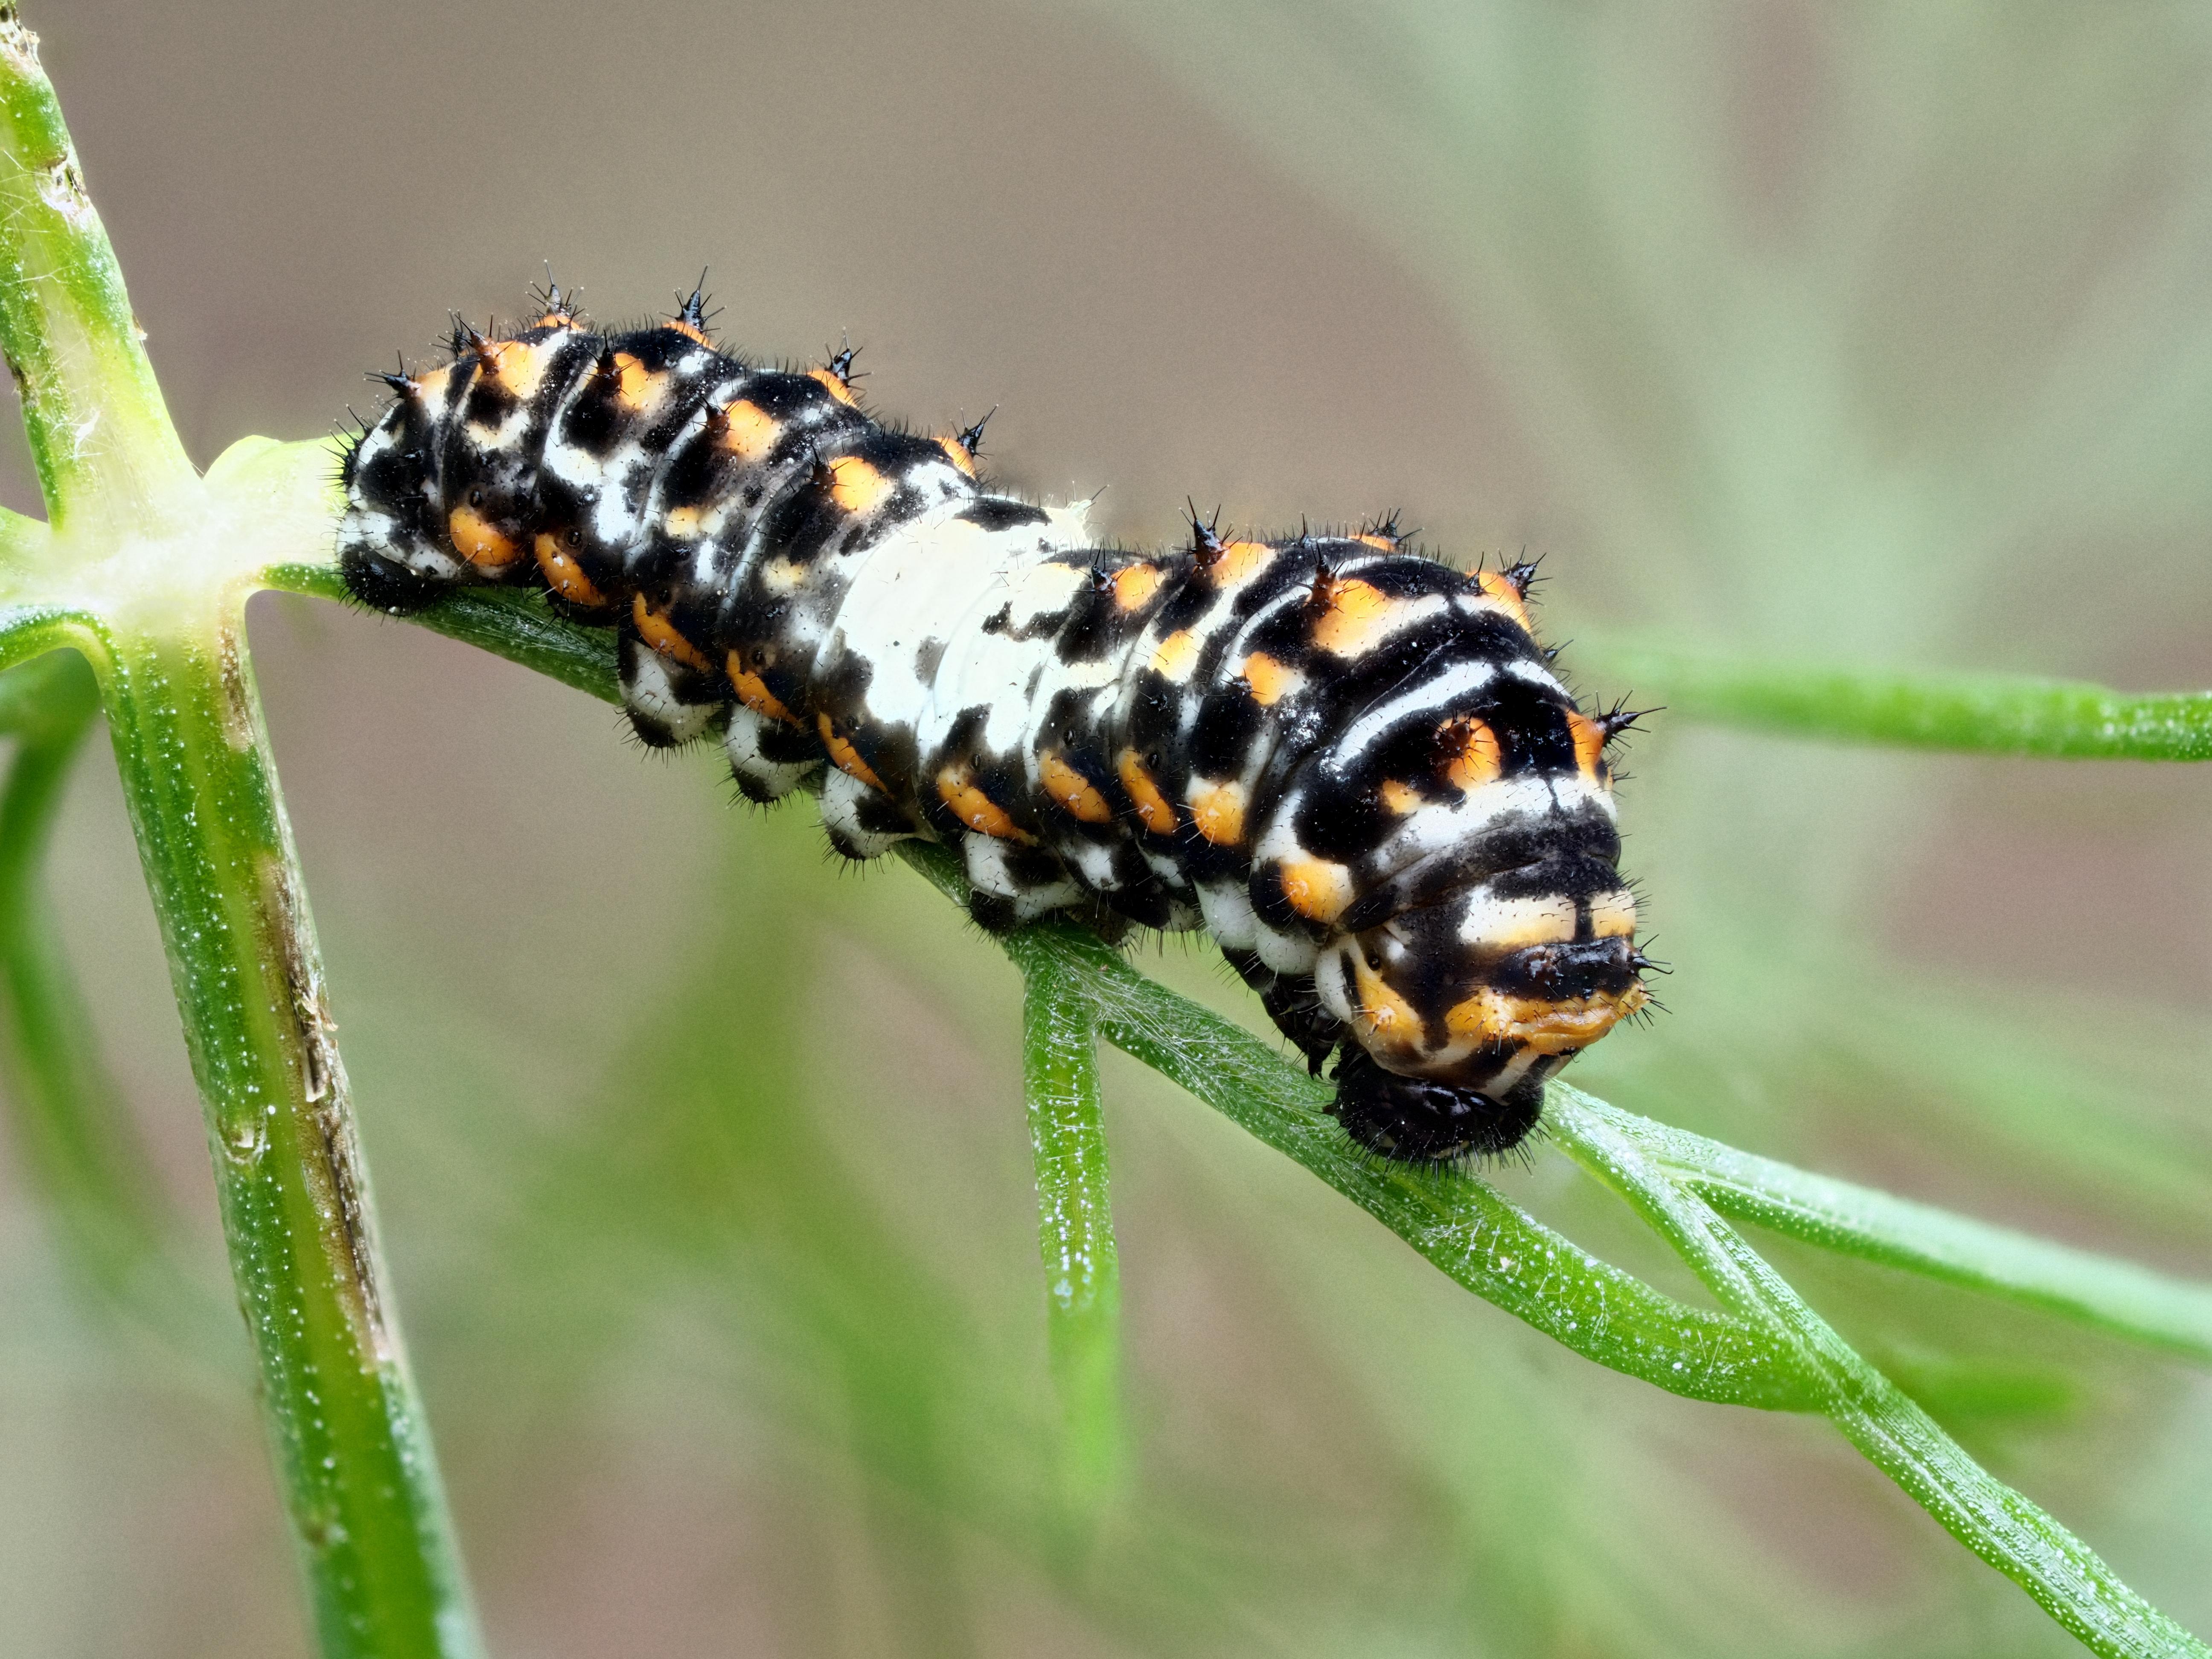 Schwalbenschwanz raupe - swallotail caterpillar - papilio machaon photo